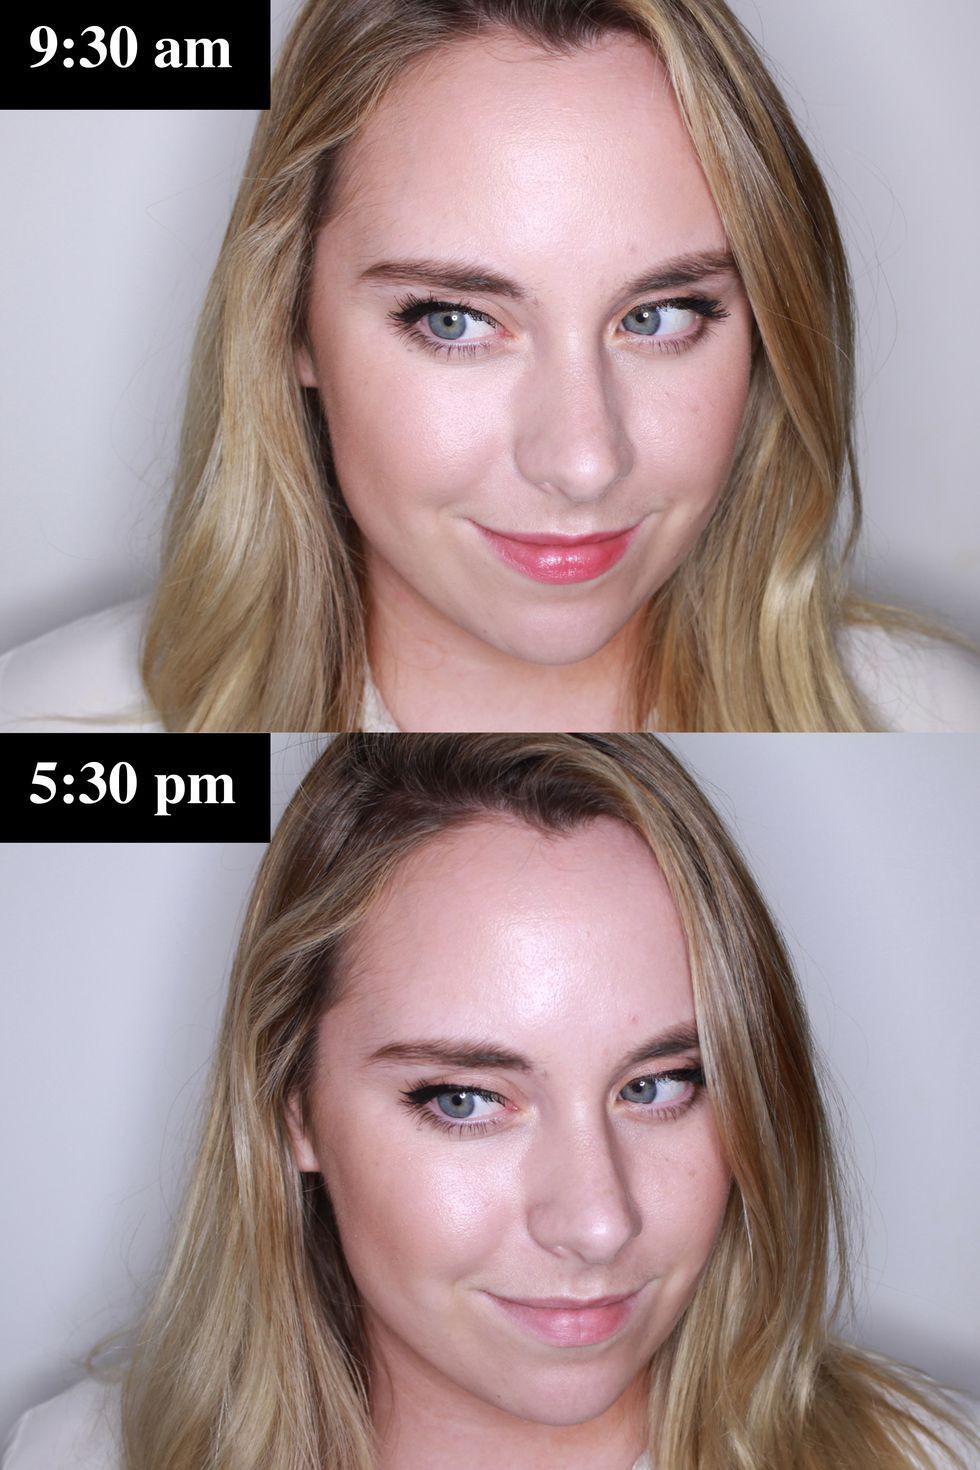 9 loại xịt trang điểm hot nhất hiện nay và review có tâm từ các beauty editor sẽ giúp bạn tìm ra sản phẩm hoàn hảo cho mình - Ảnh 6.